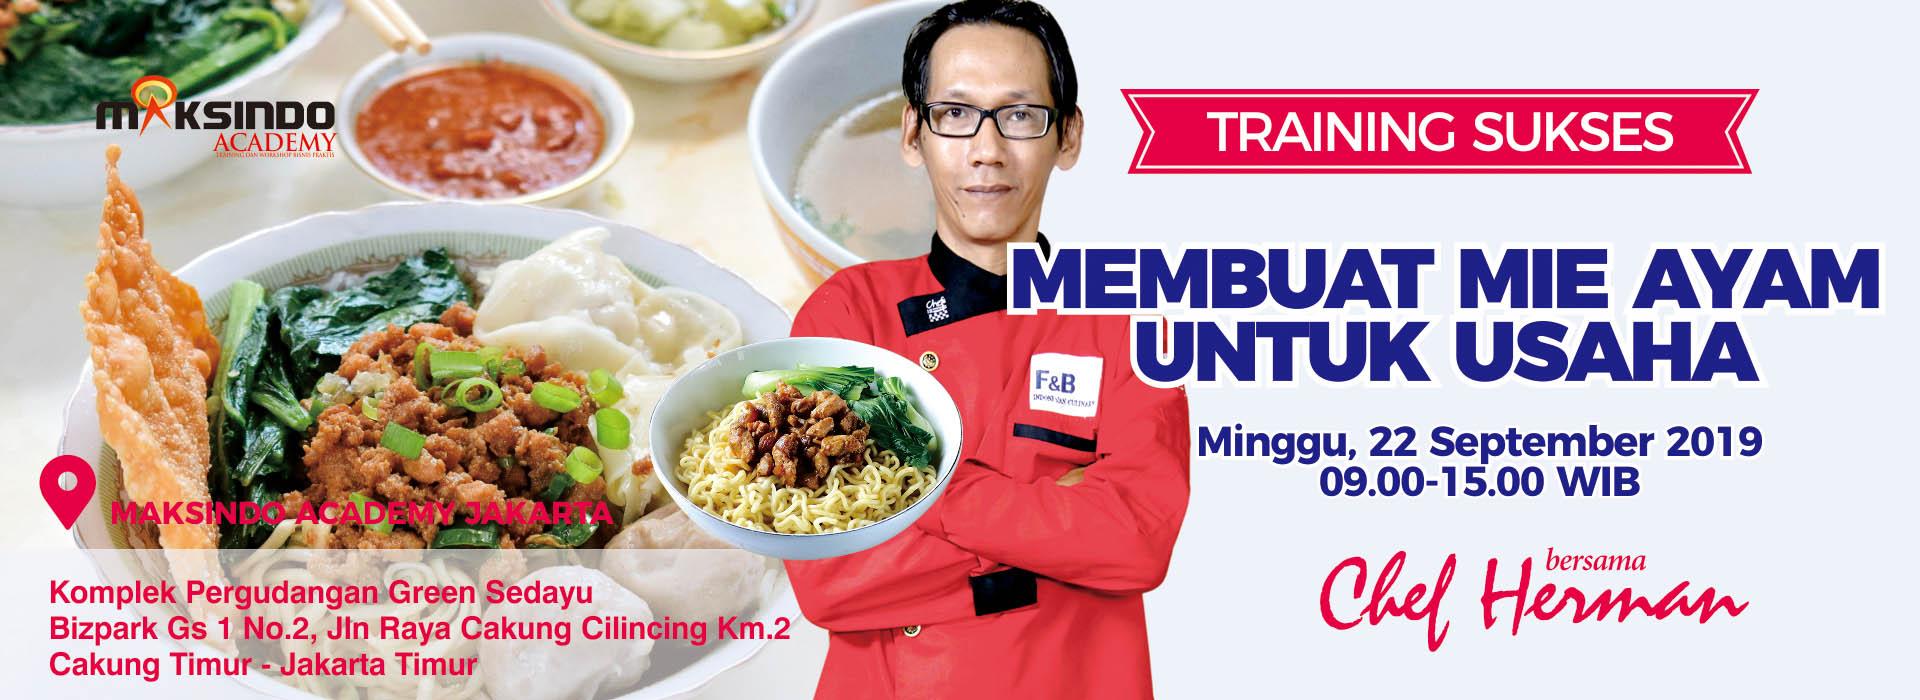 Toko Mesin Maksindo Palembang 3